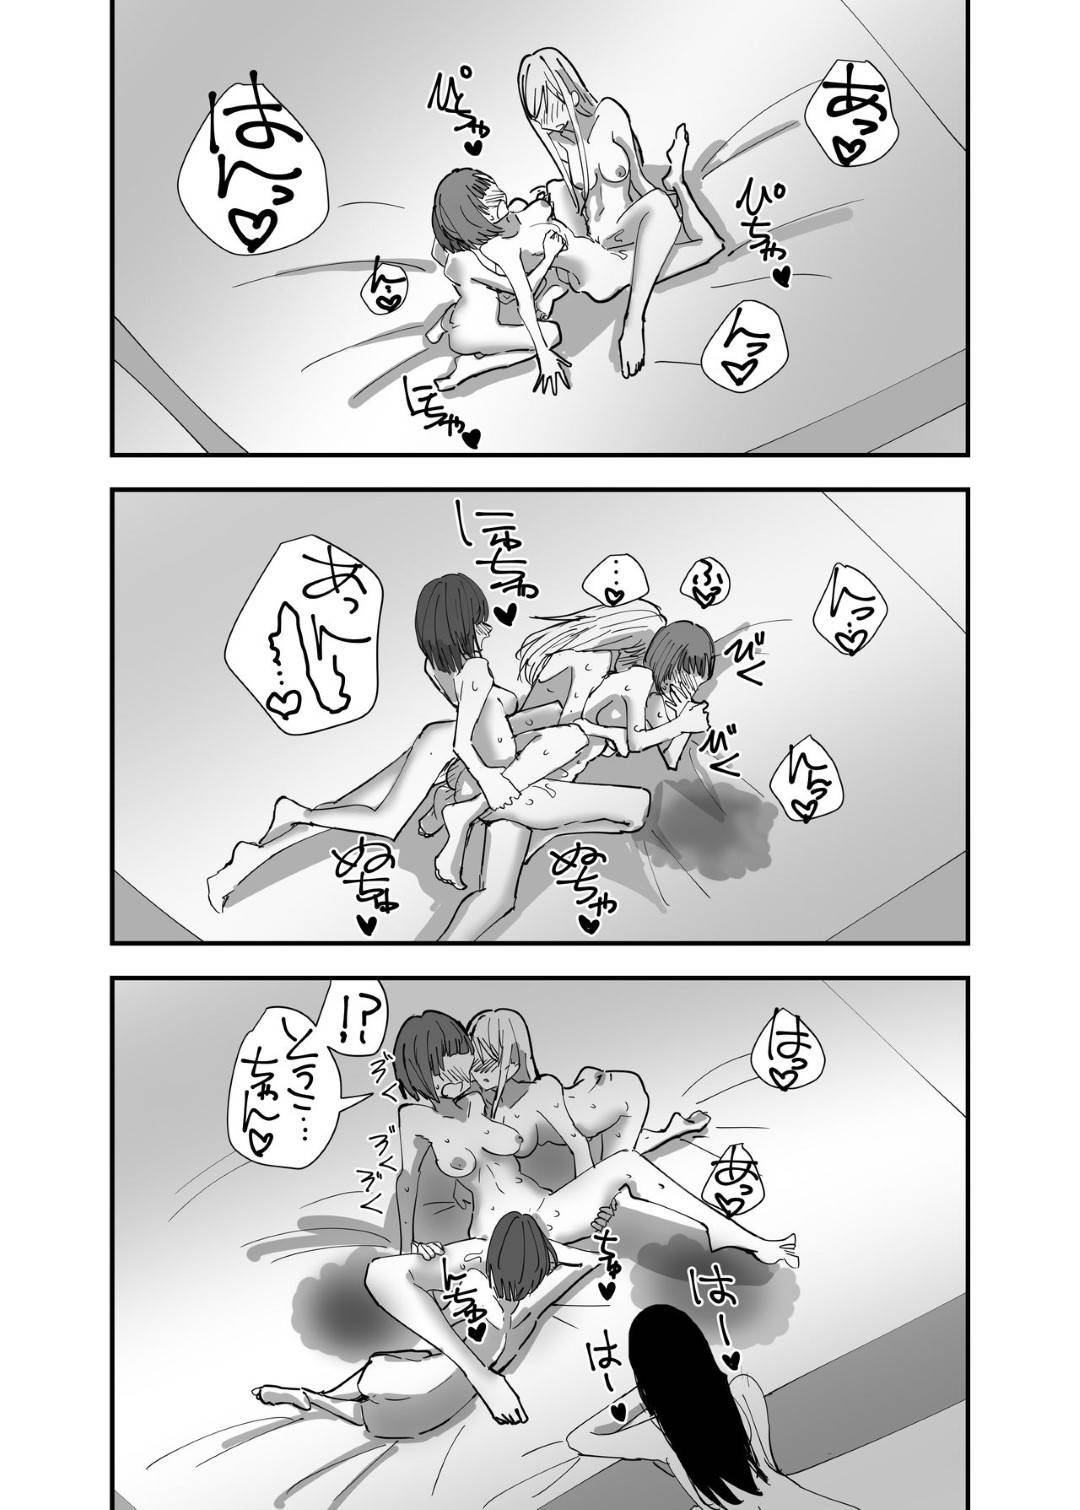 【エロ漫画】部屋で二人きりでレズエッチを始めるレズカップル…ディープキスして求めあった二人はペニバンを利用して正常位でレズセックスでヨガりまくる。【アウェイ田:百合、咲き乱れる3】